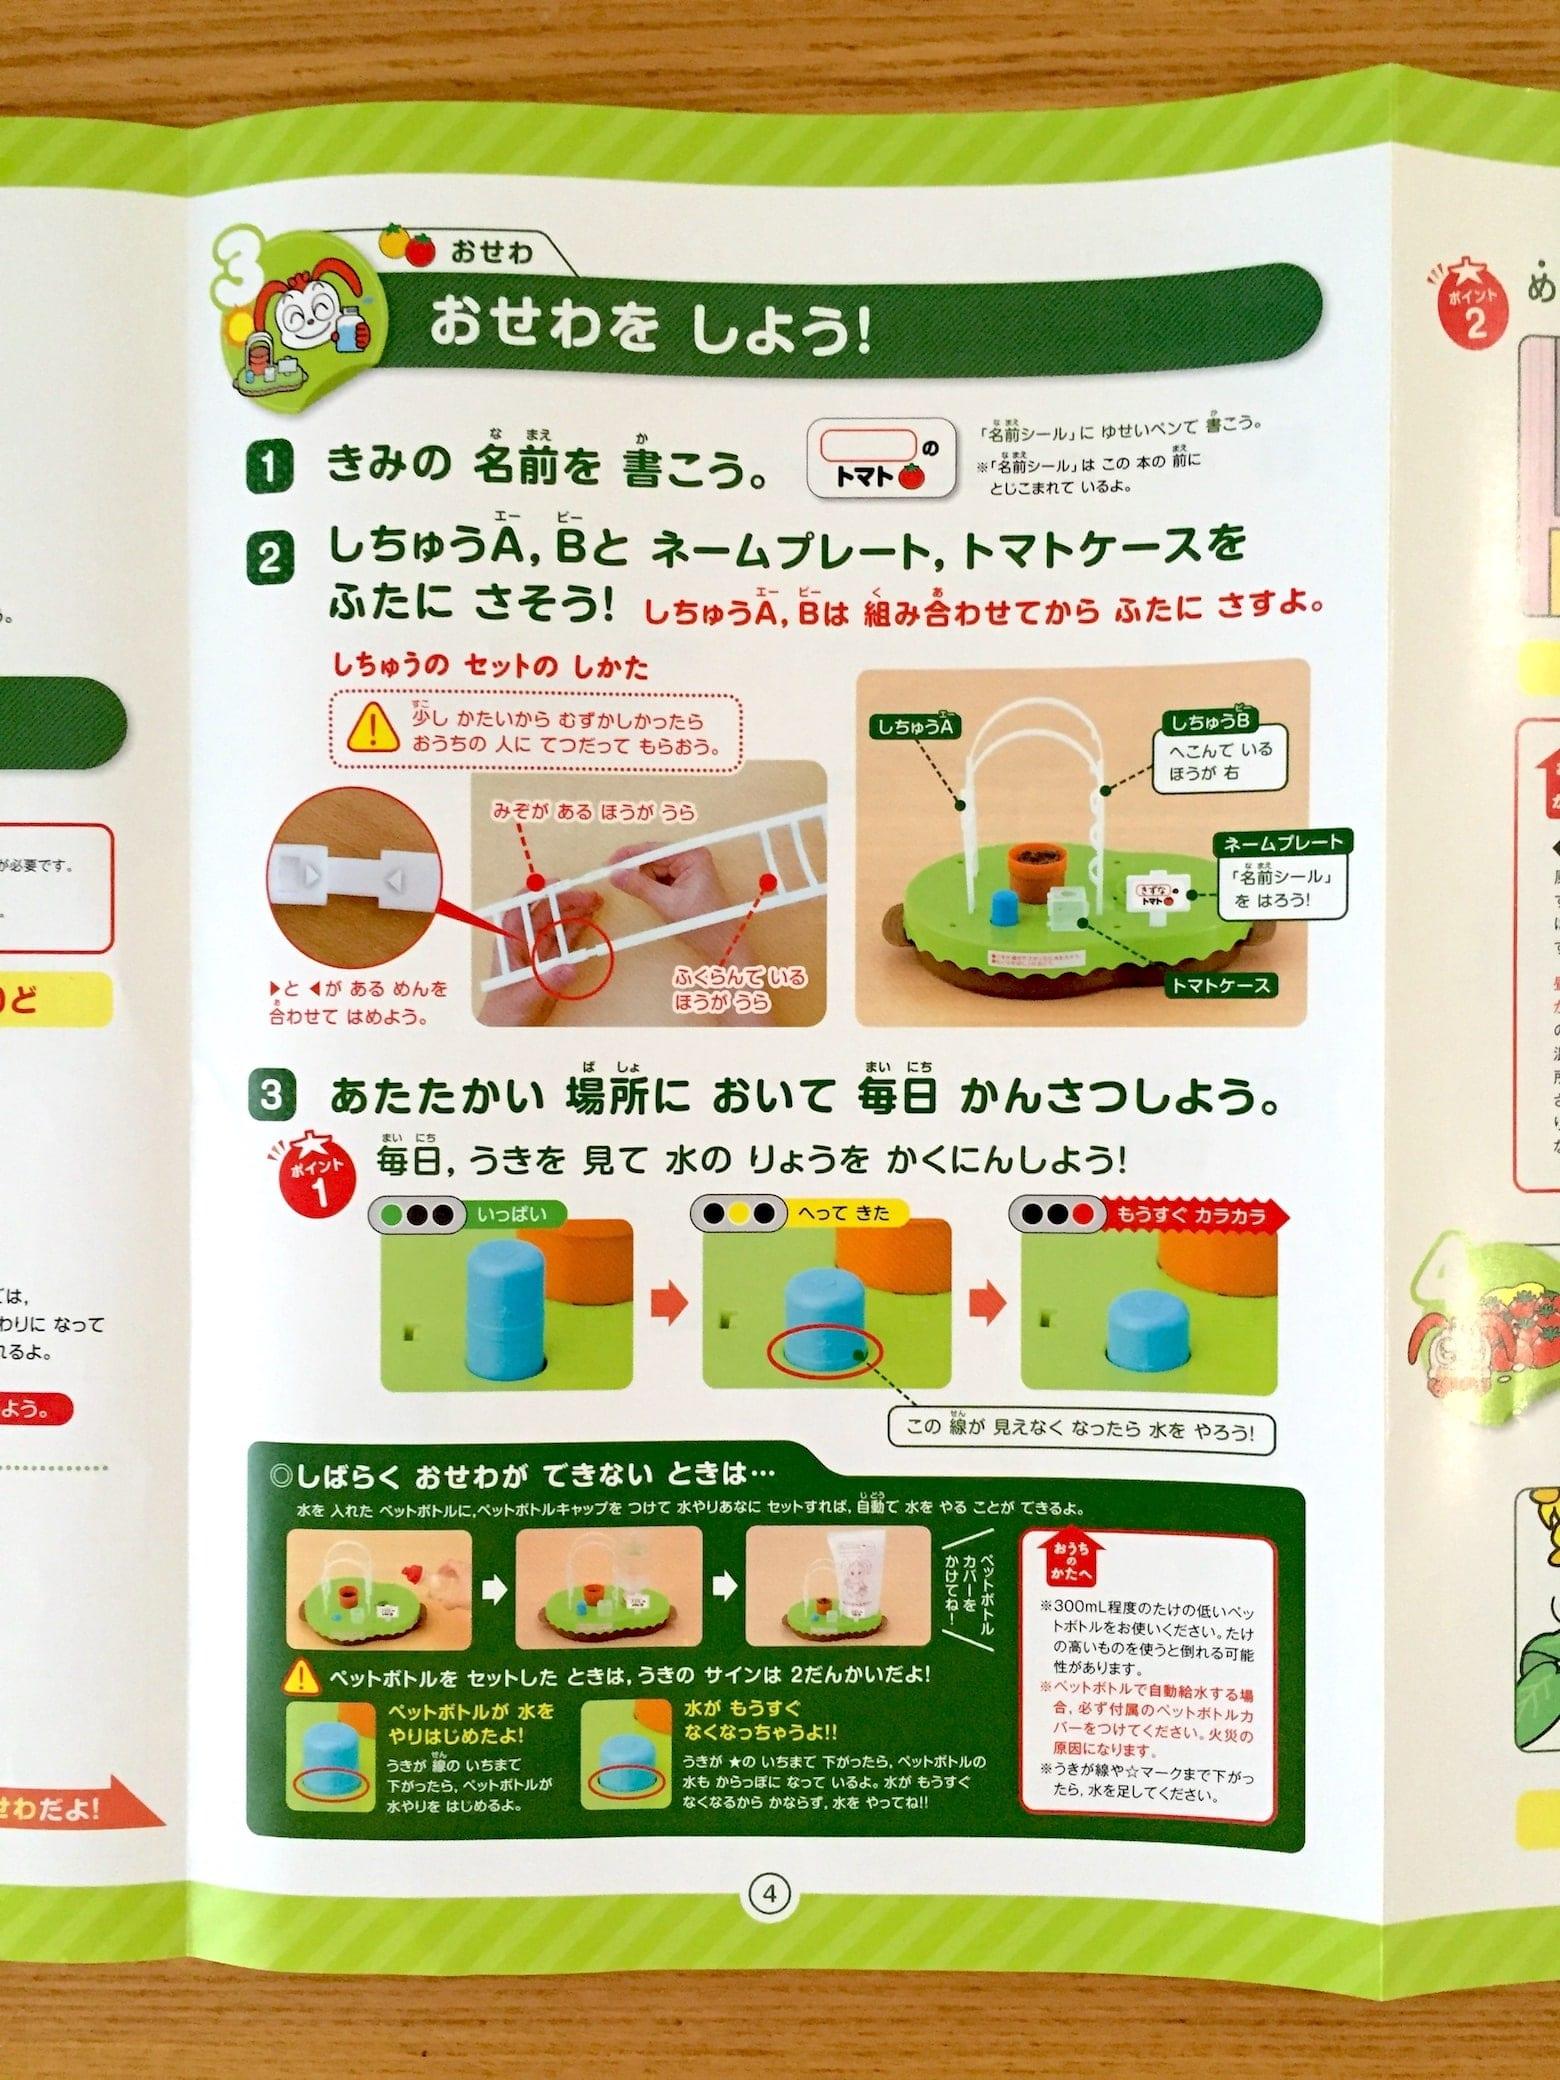 トマト01 マニュアル3